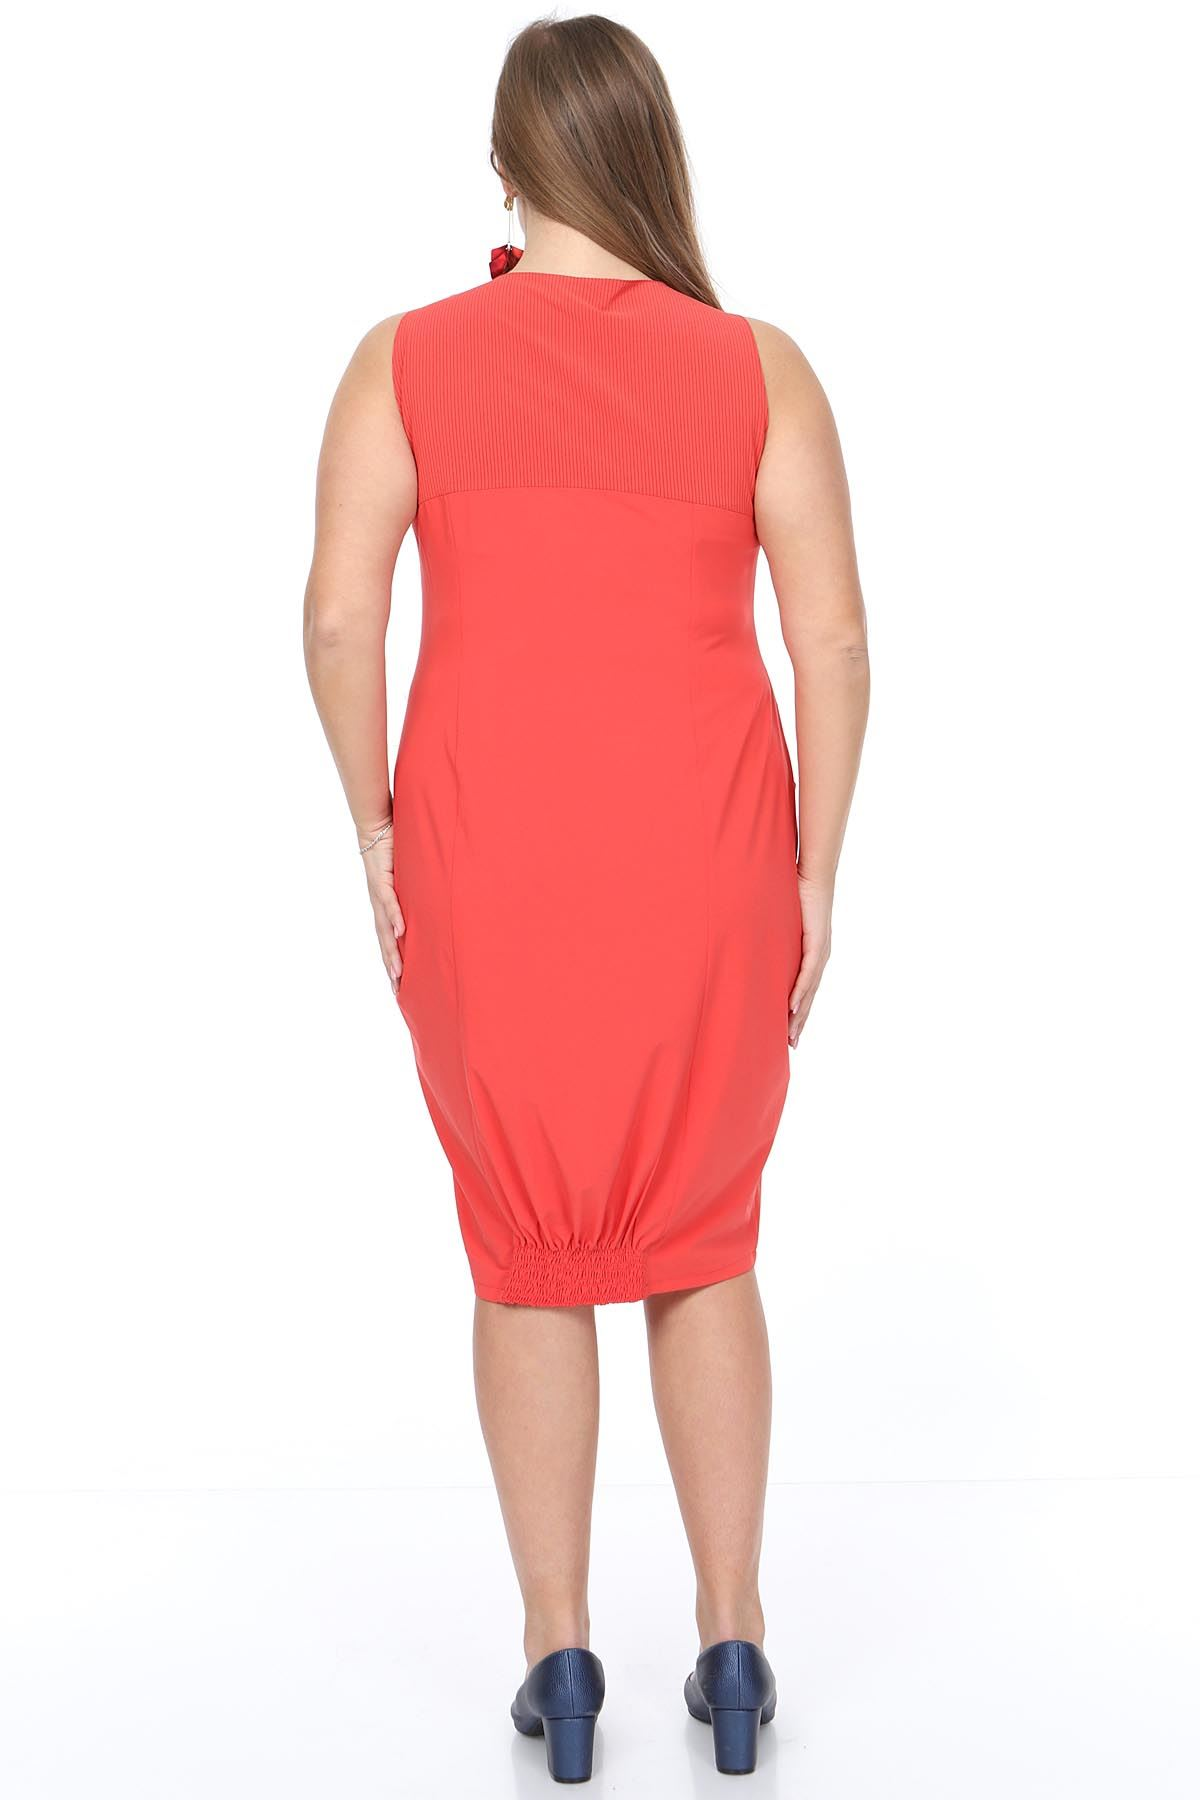 Askılı Baskılı Büyük Beden Elbise 20Y-0913